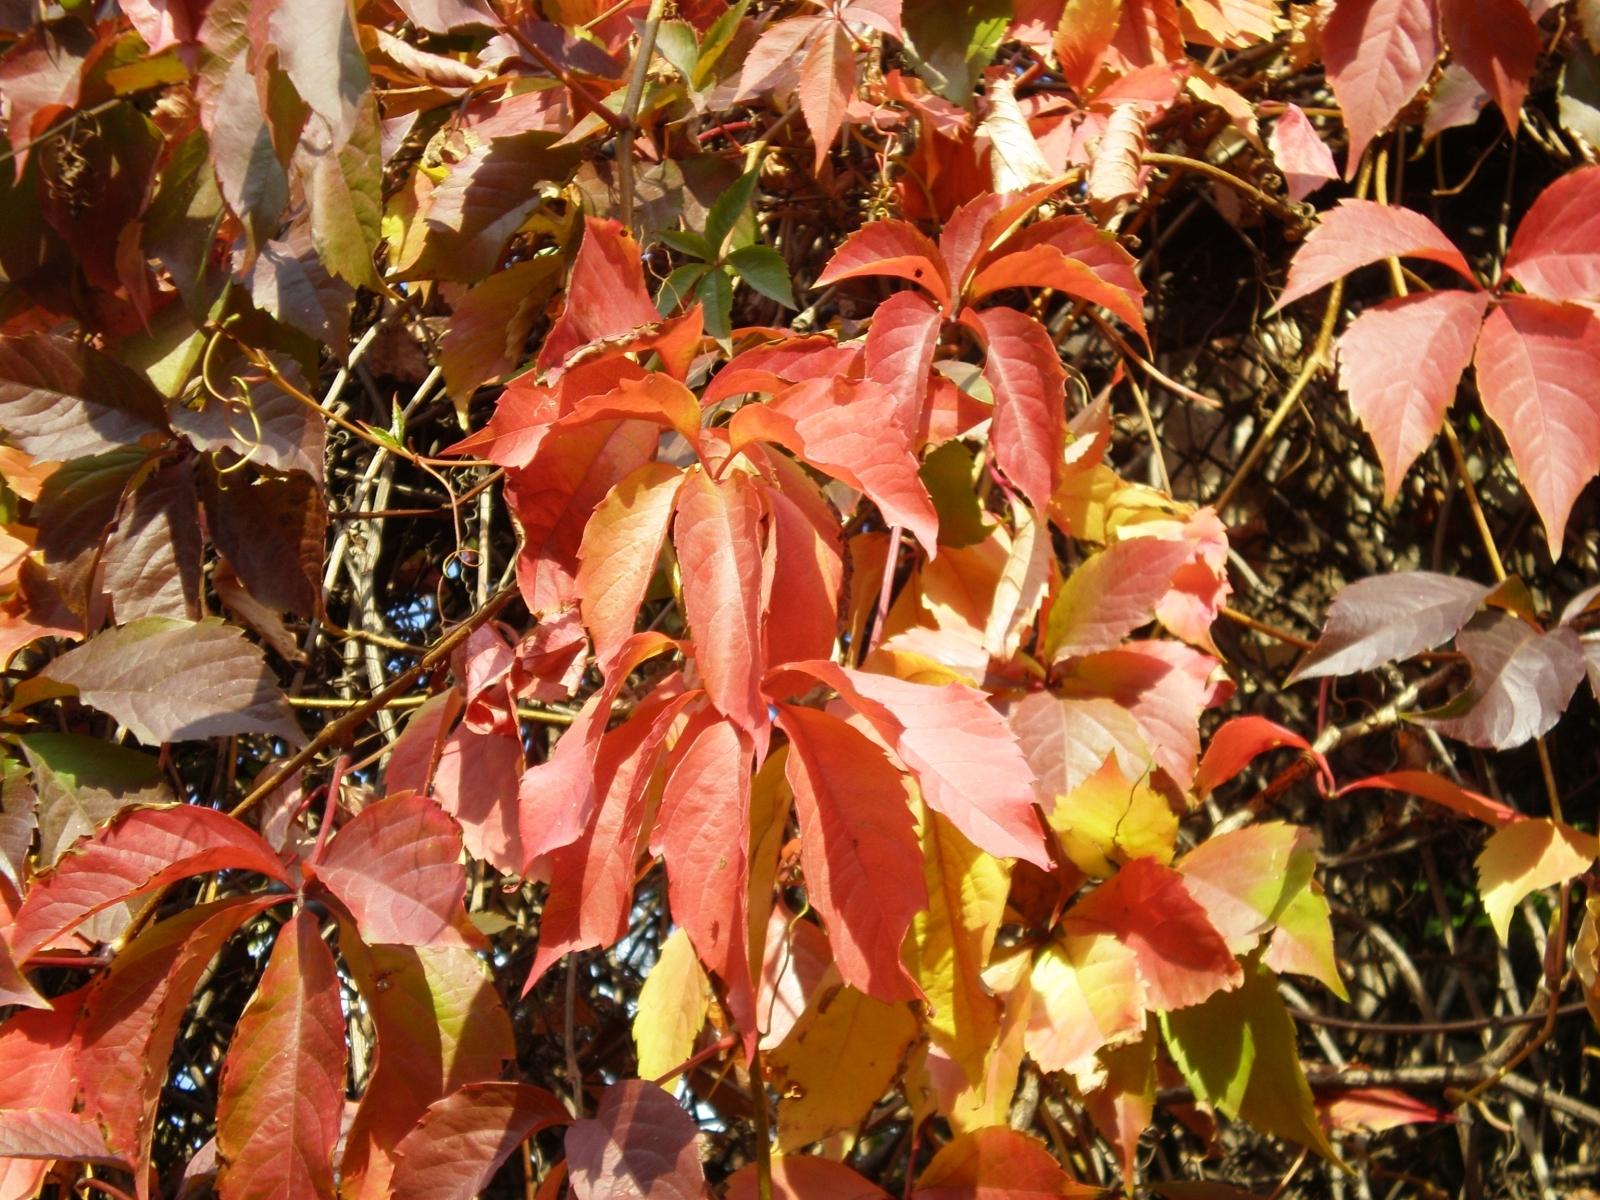 Скачать картинку Фон, Листья, Растения в телефон бесплатно.